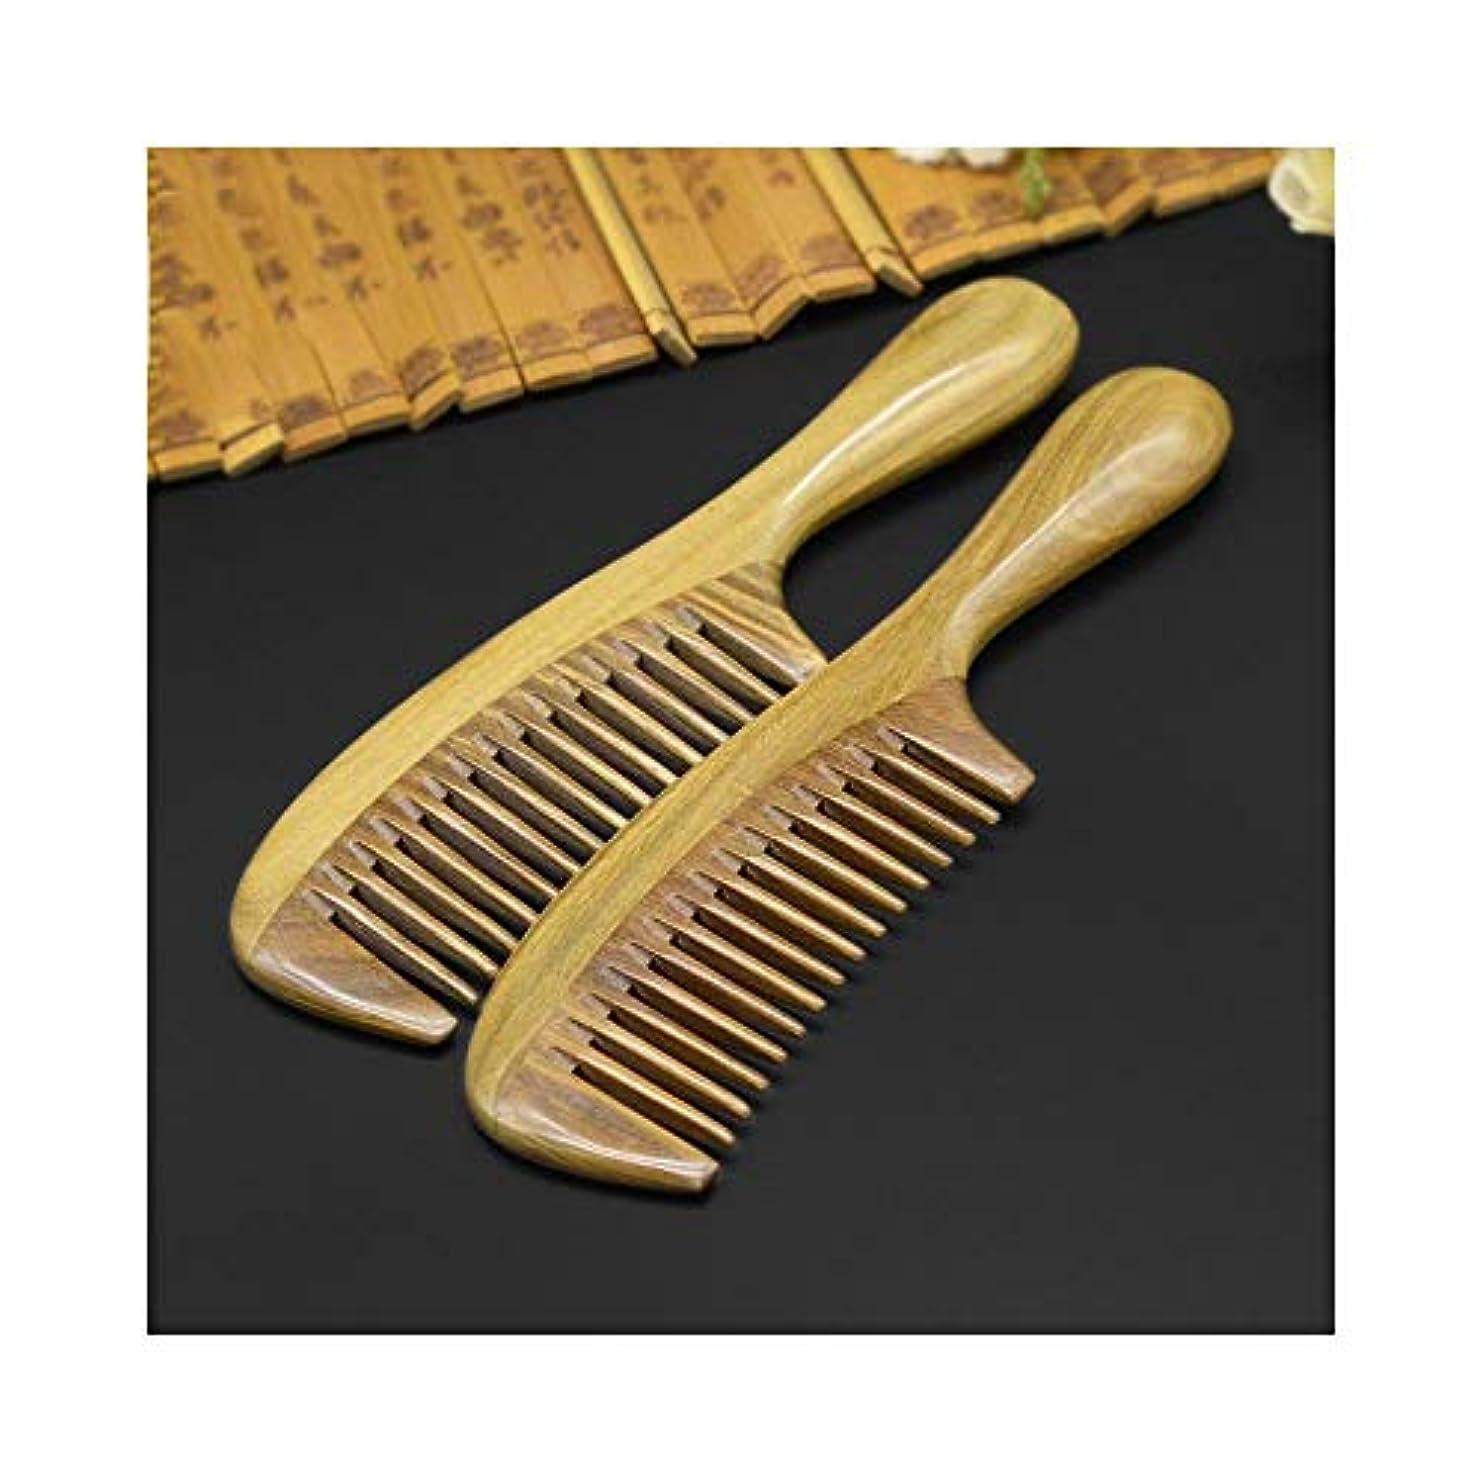 以内にシングル行商女性と男性のためにFashian帯電防止木製くしナチュラルグリーンサンダルウッドのくし ヘアケア (色 : 1876)